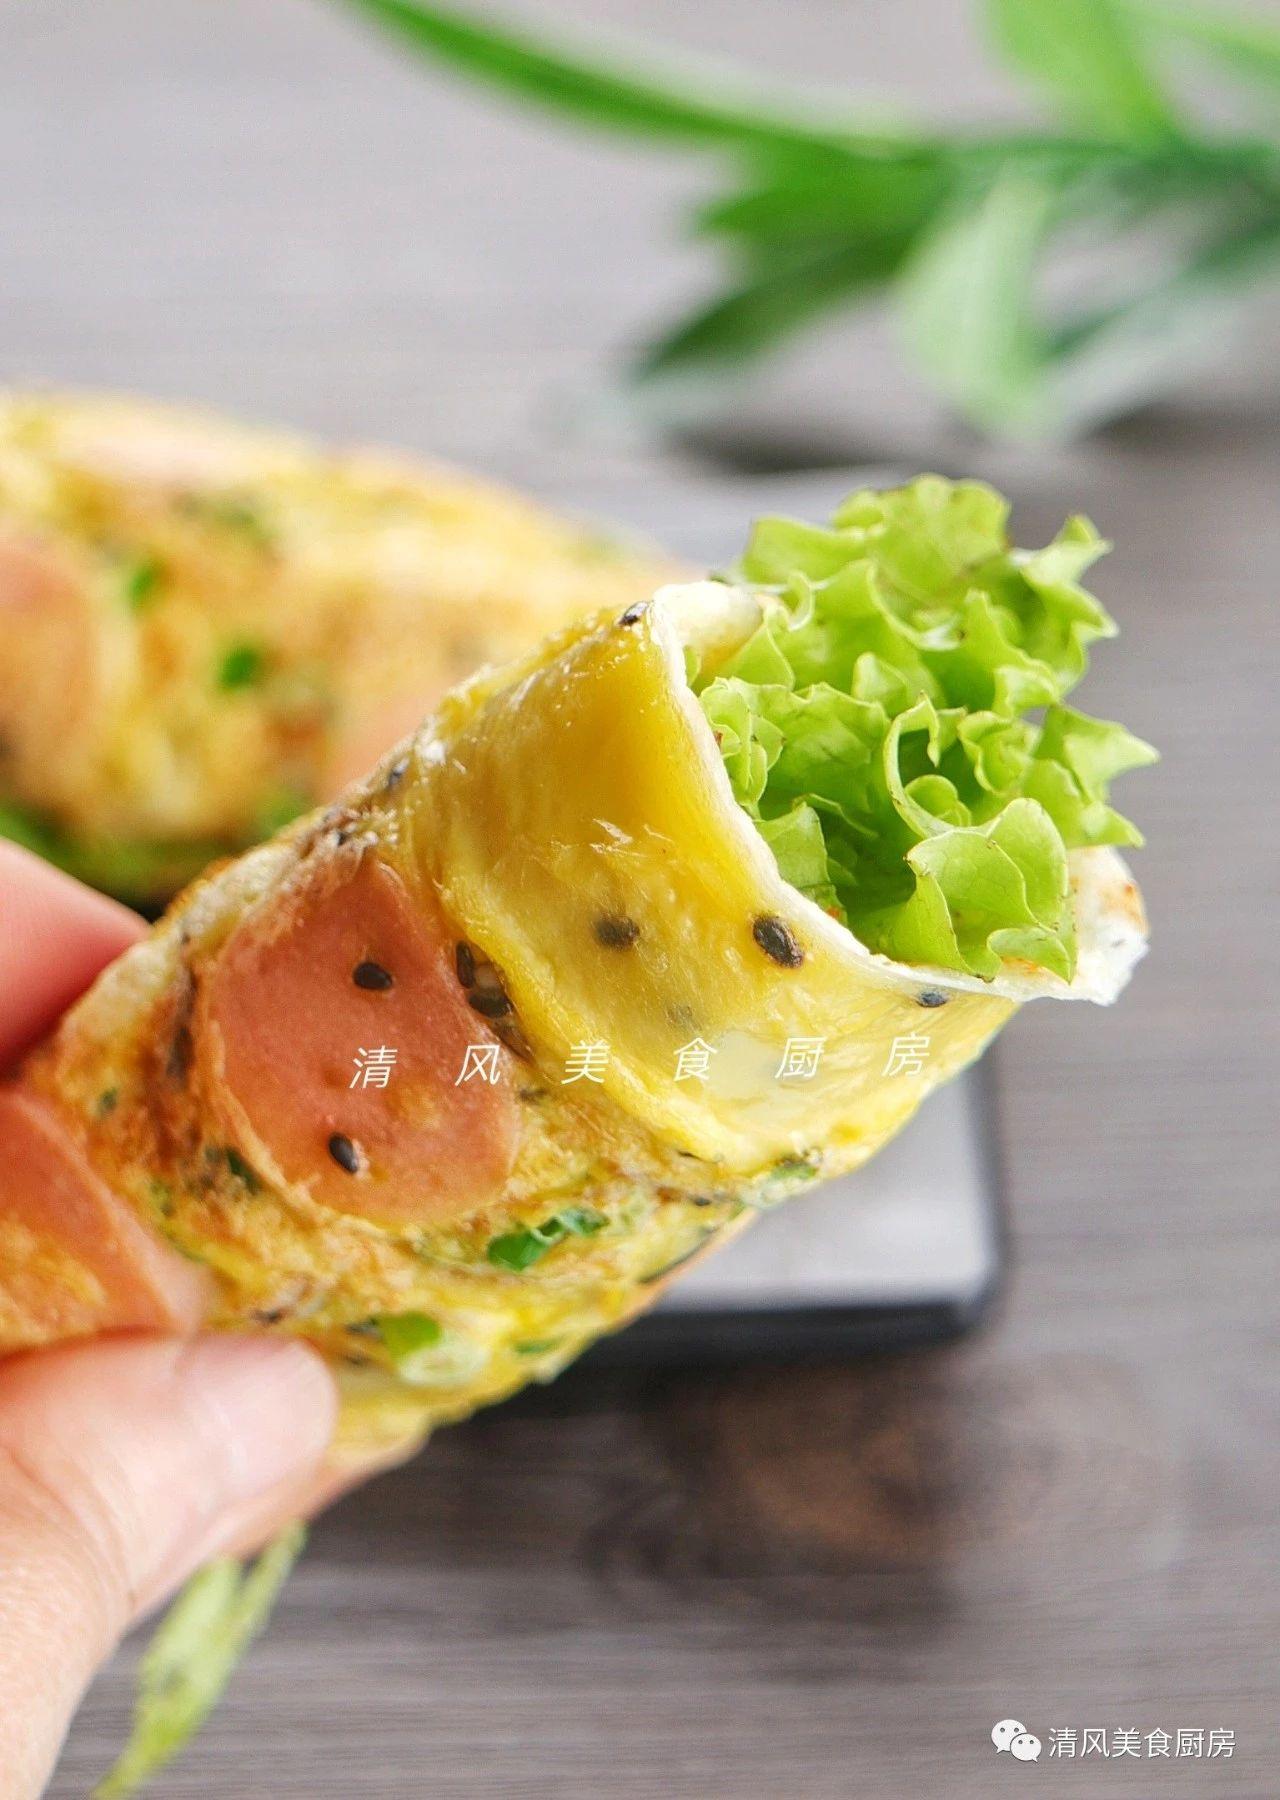 早餐鸡蛋饼这样做,松软可口,满屋飘香,真是既新鲜又好吃!